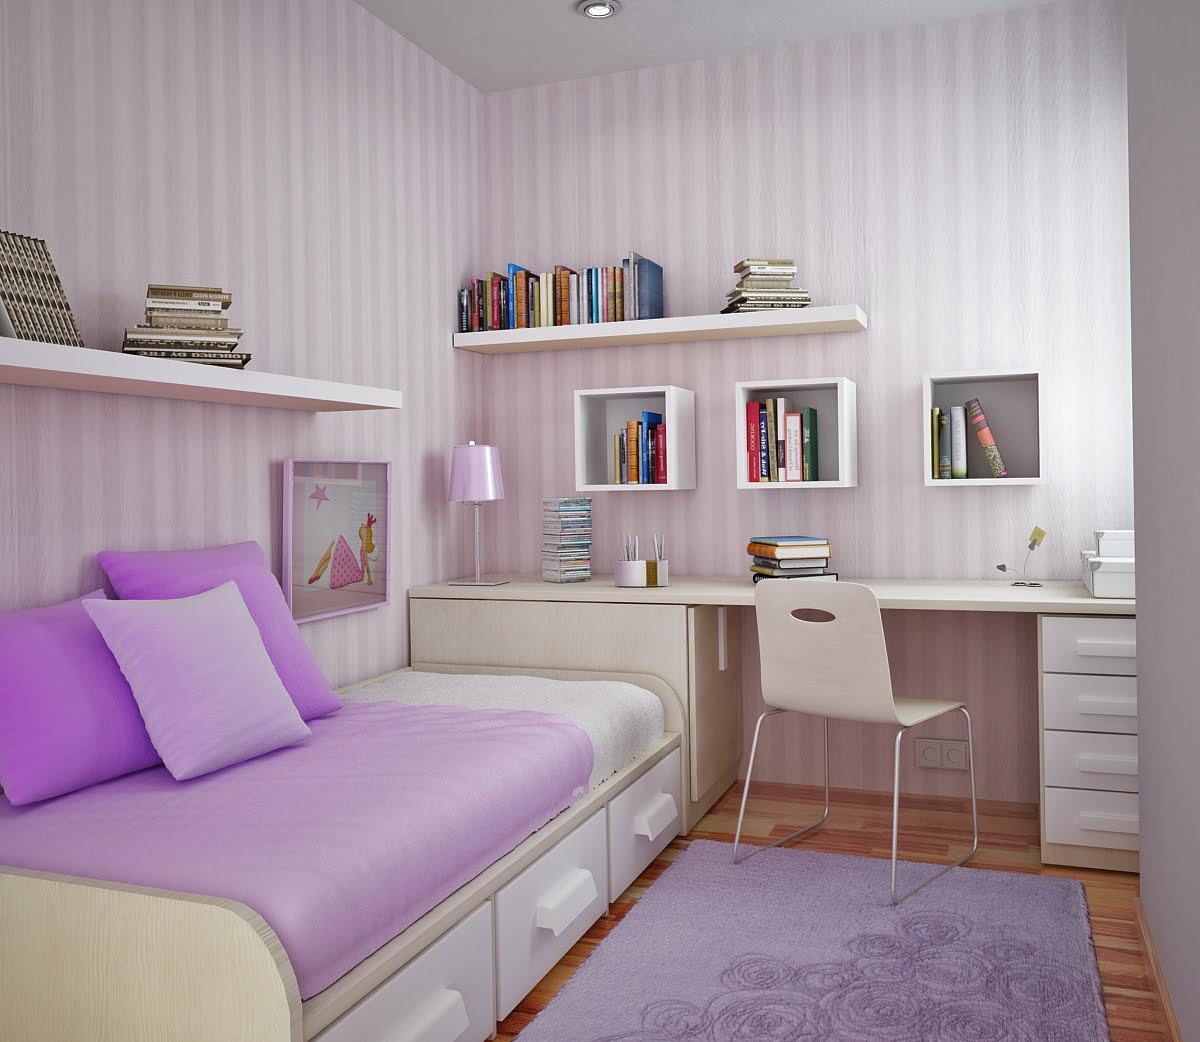 Trendy Bedroom Decorating Ideas